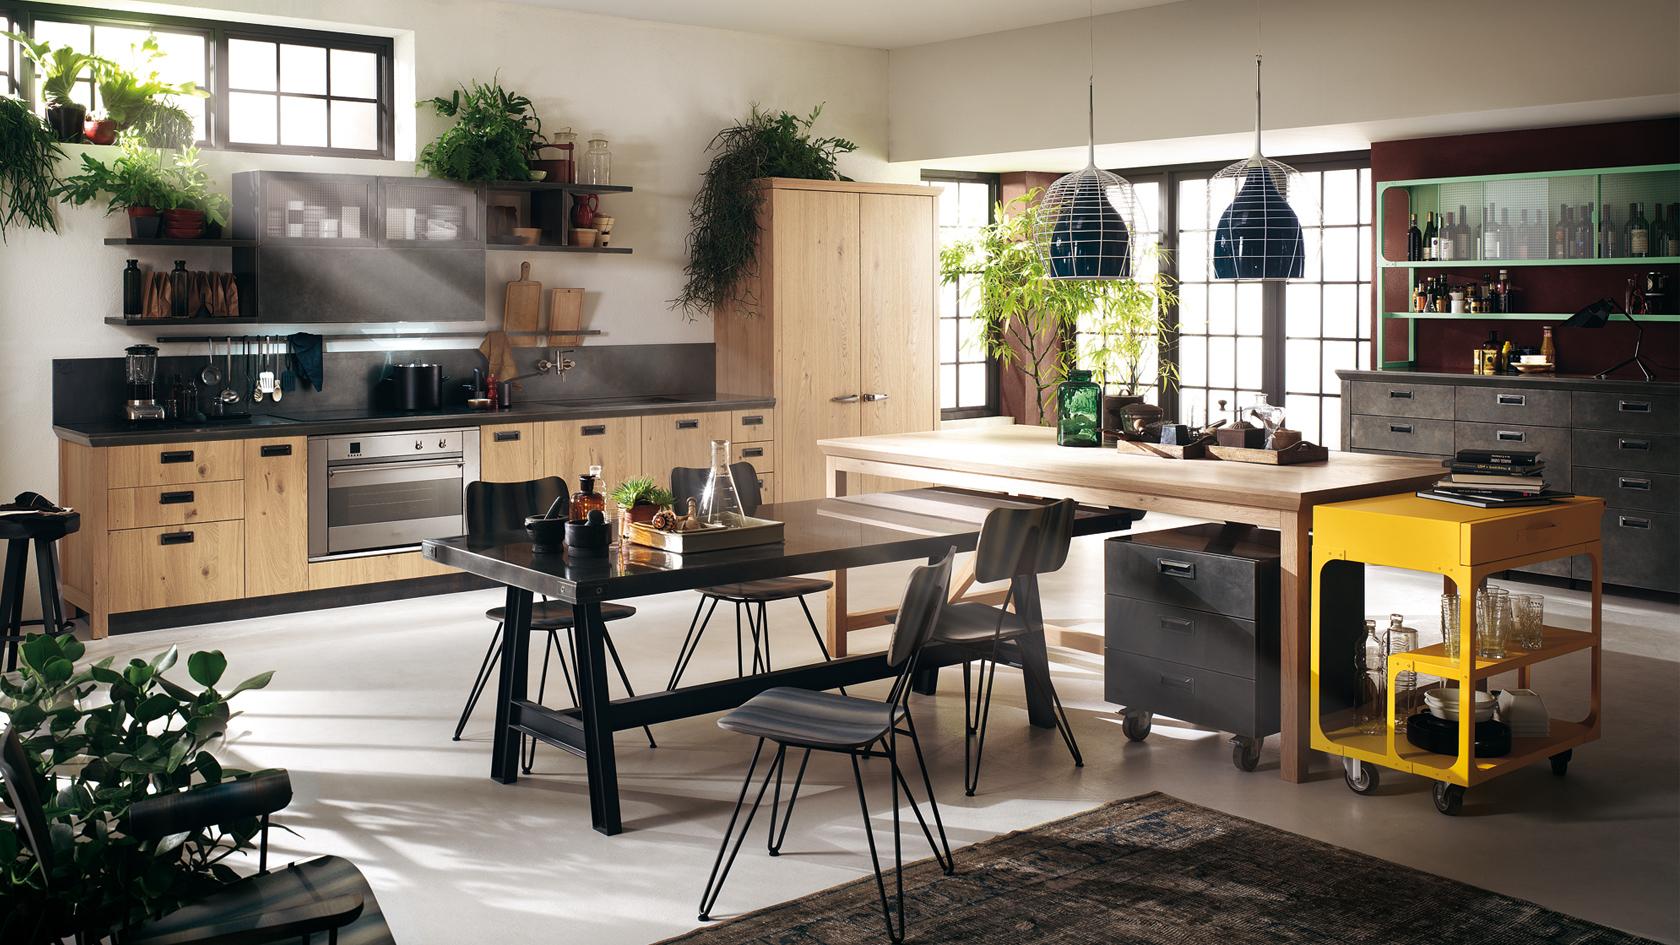 Cucina Moderna Scavolini Diesel Social Kitchen-Mobili Incardone